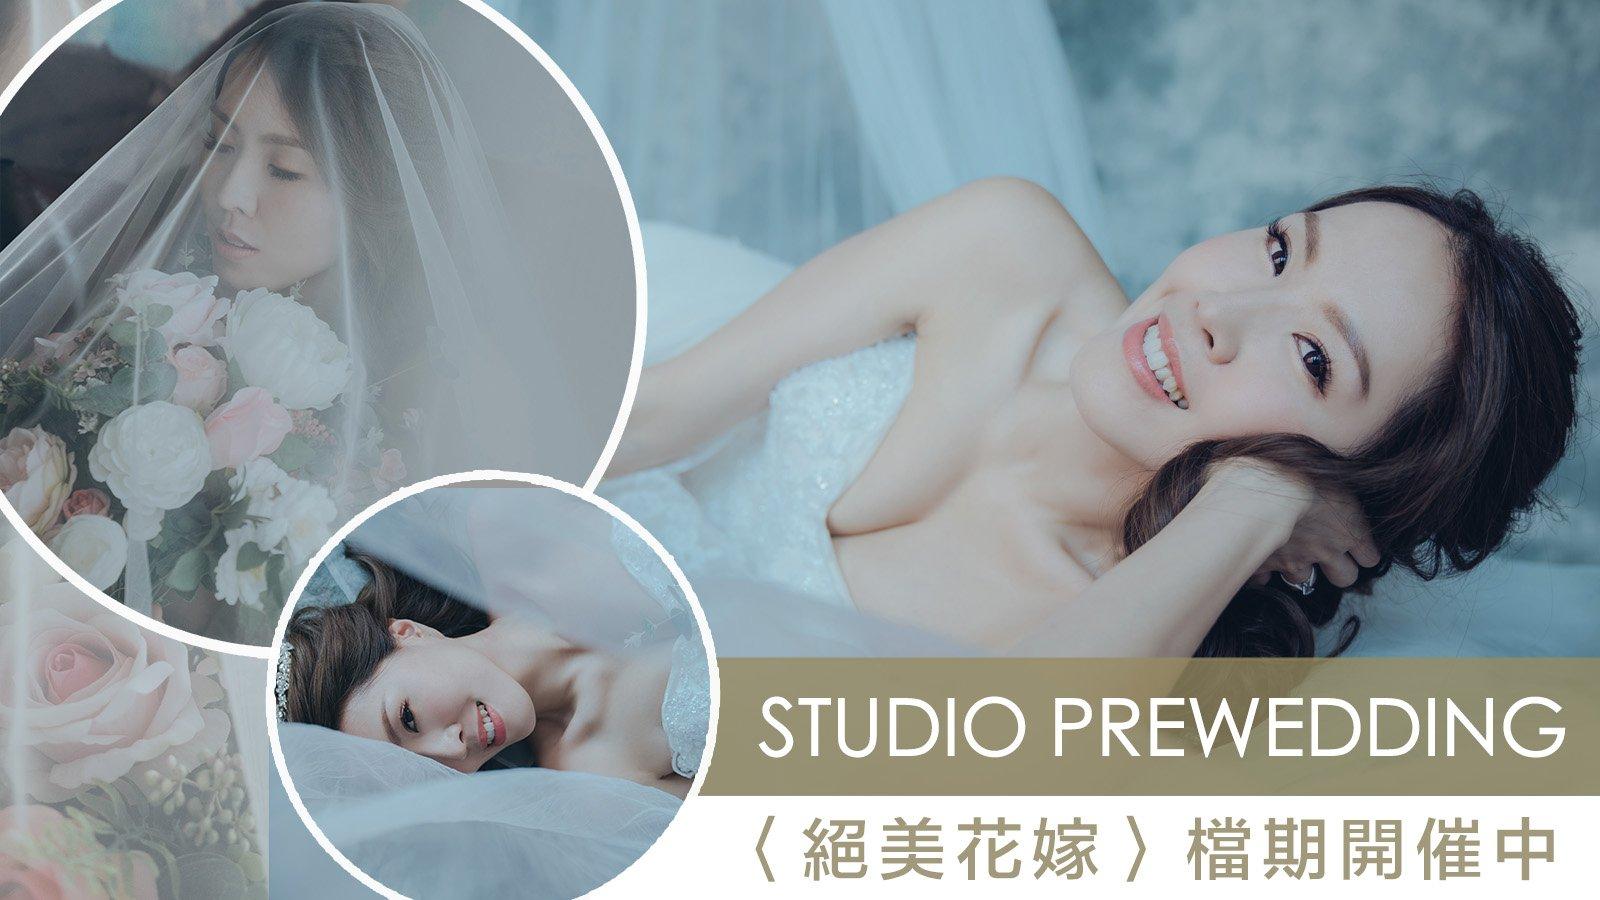 〈絕美花嫁〉Studio Prewedding檔期開催中